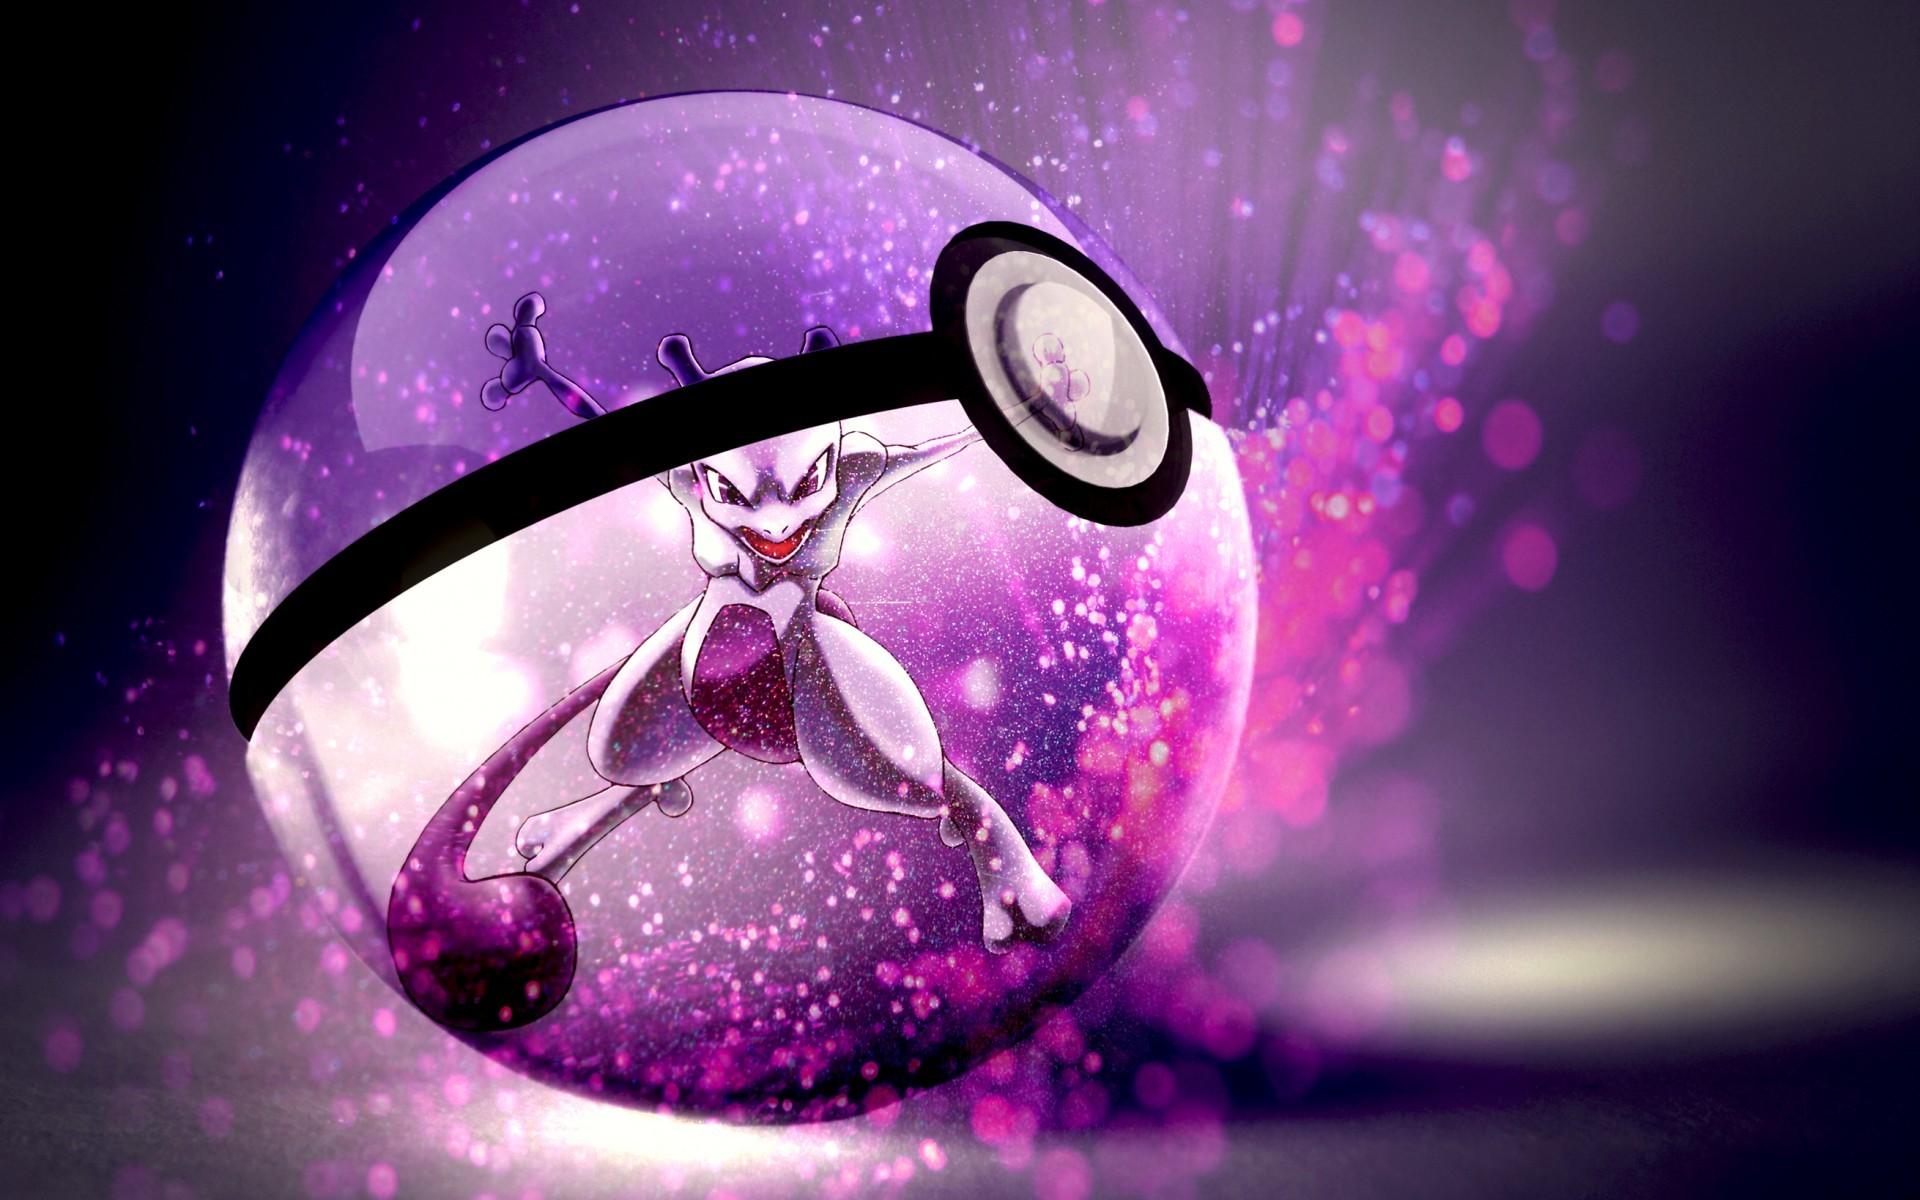 Res: 1920x1200, Pokemon mewtwo anime pokeball wallpaper |  | 40702 | WallpaperUP